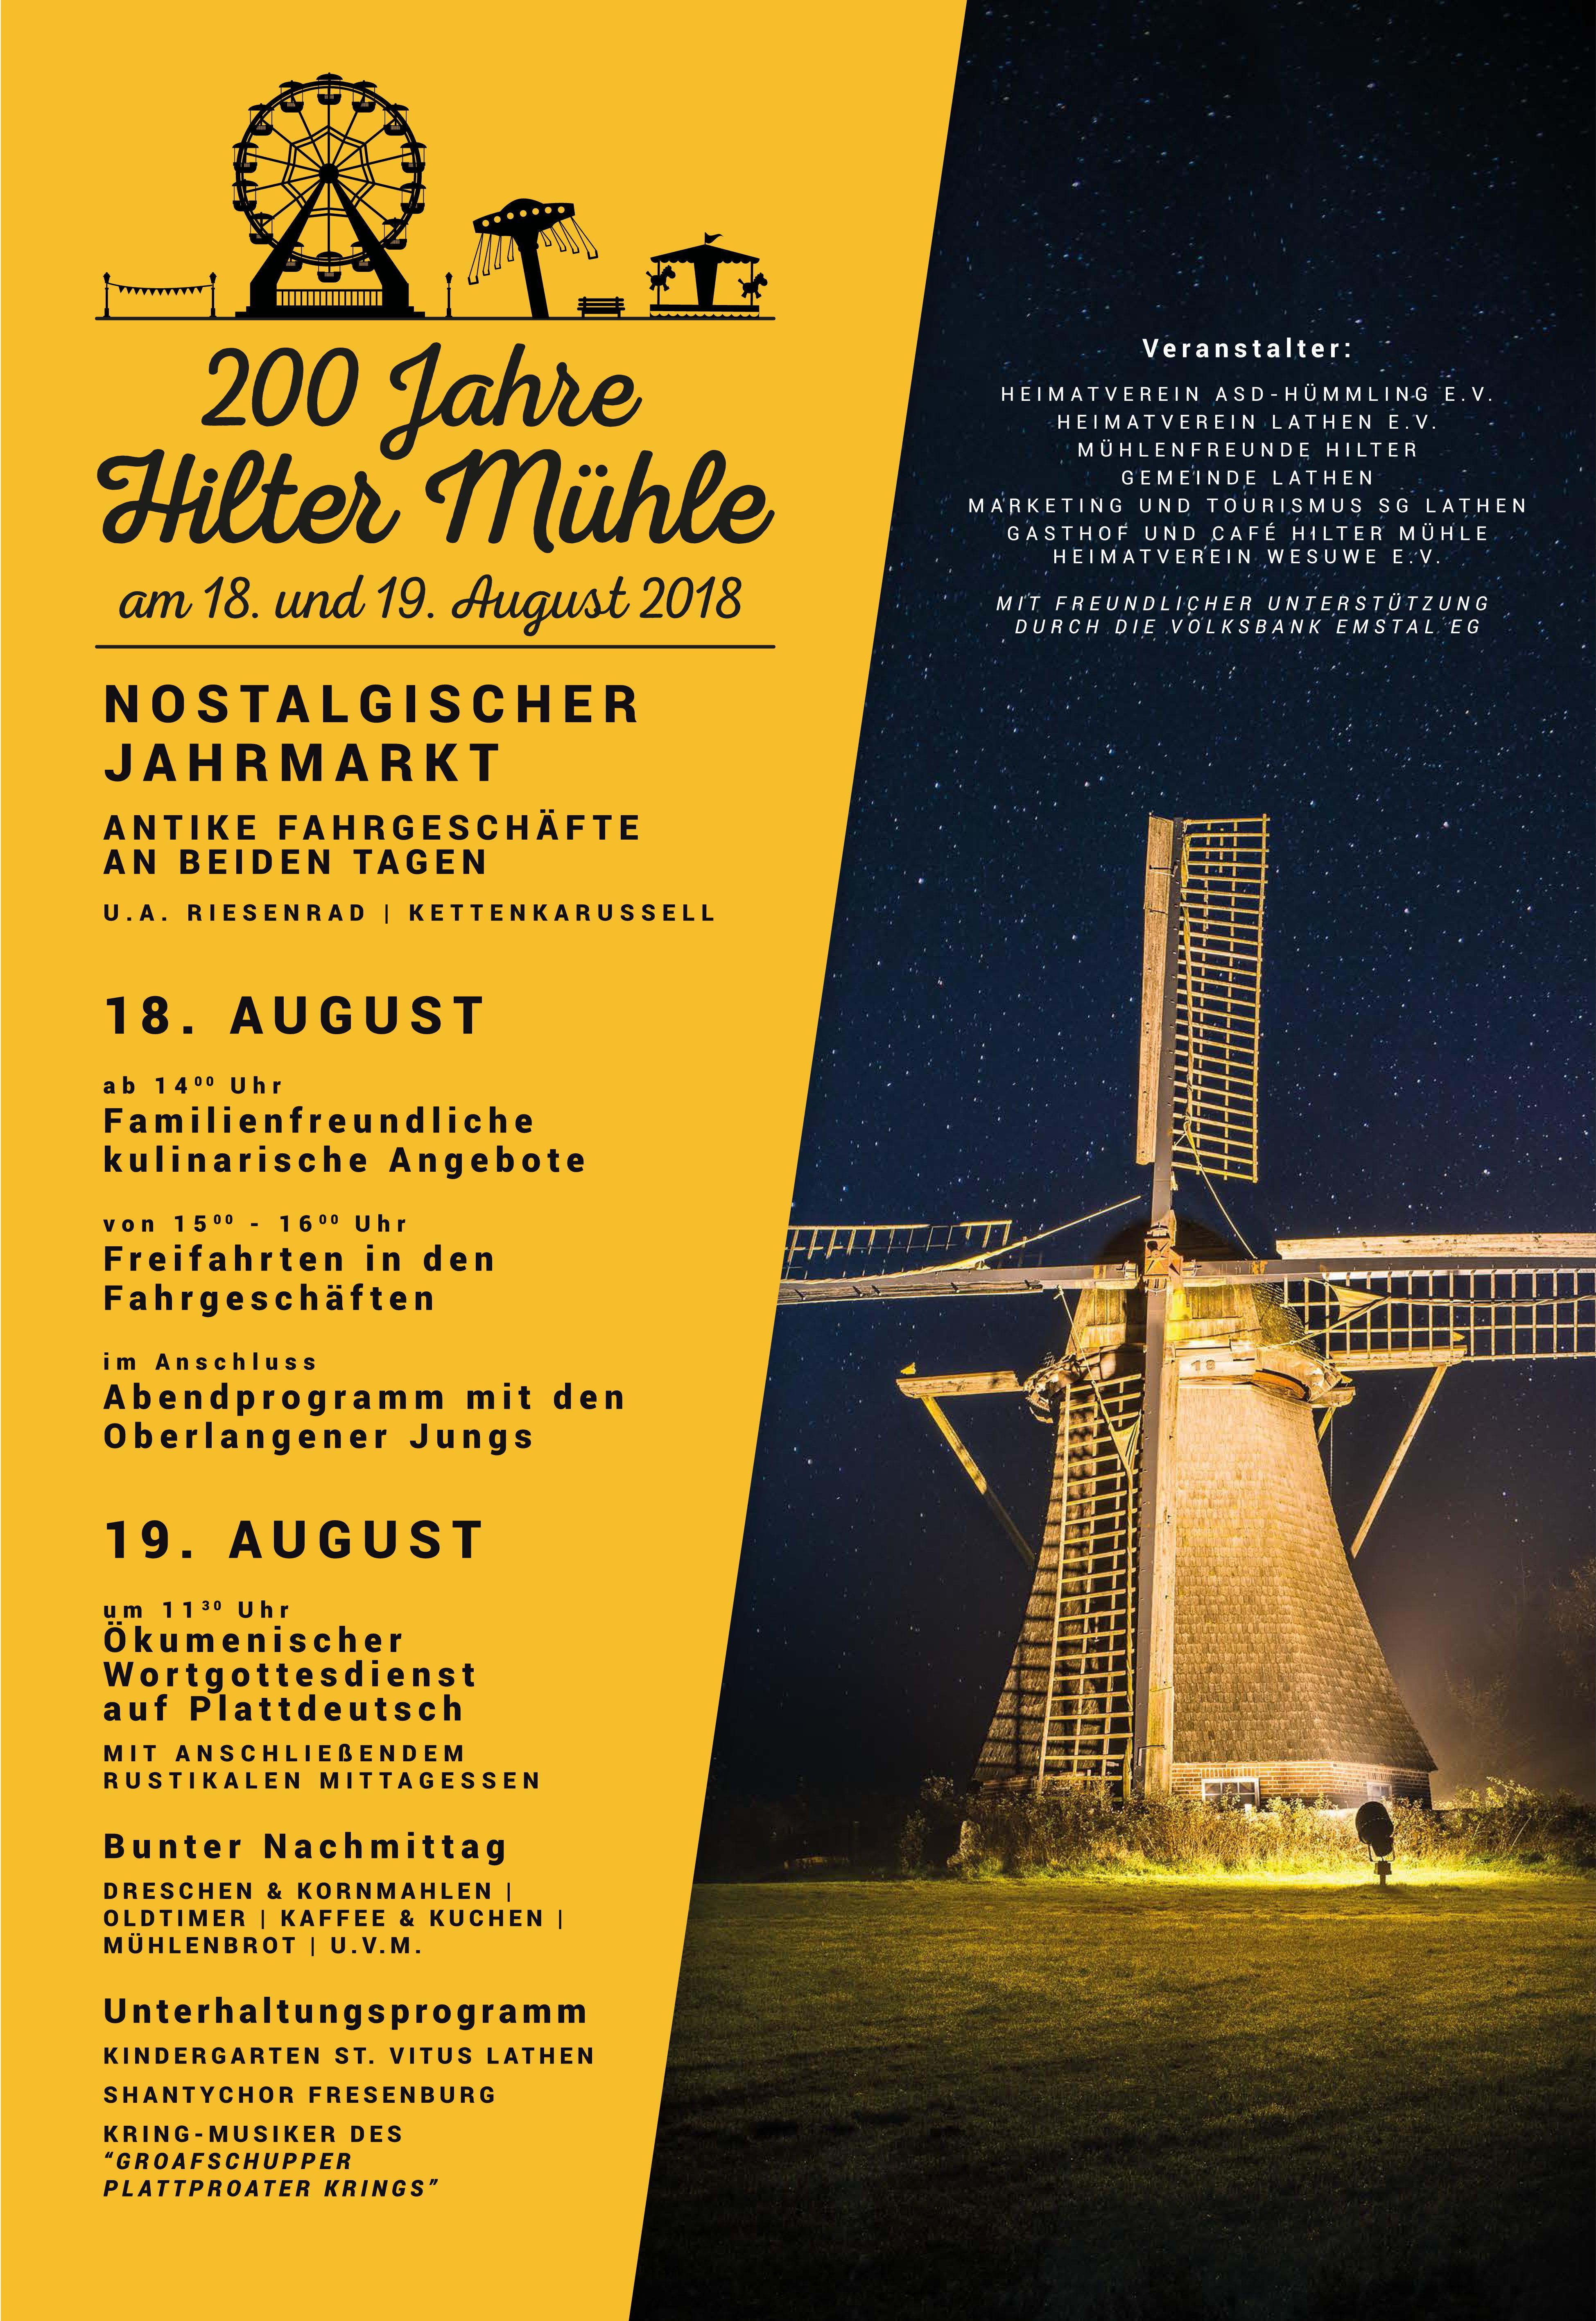 200 Jahre Hilter Mühle